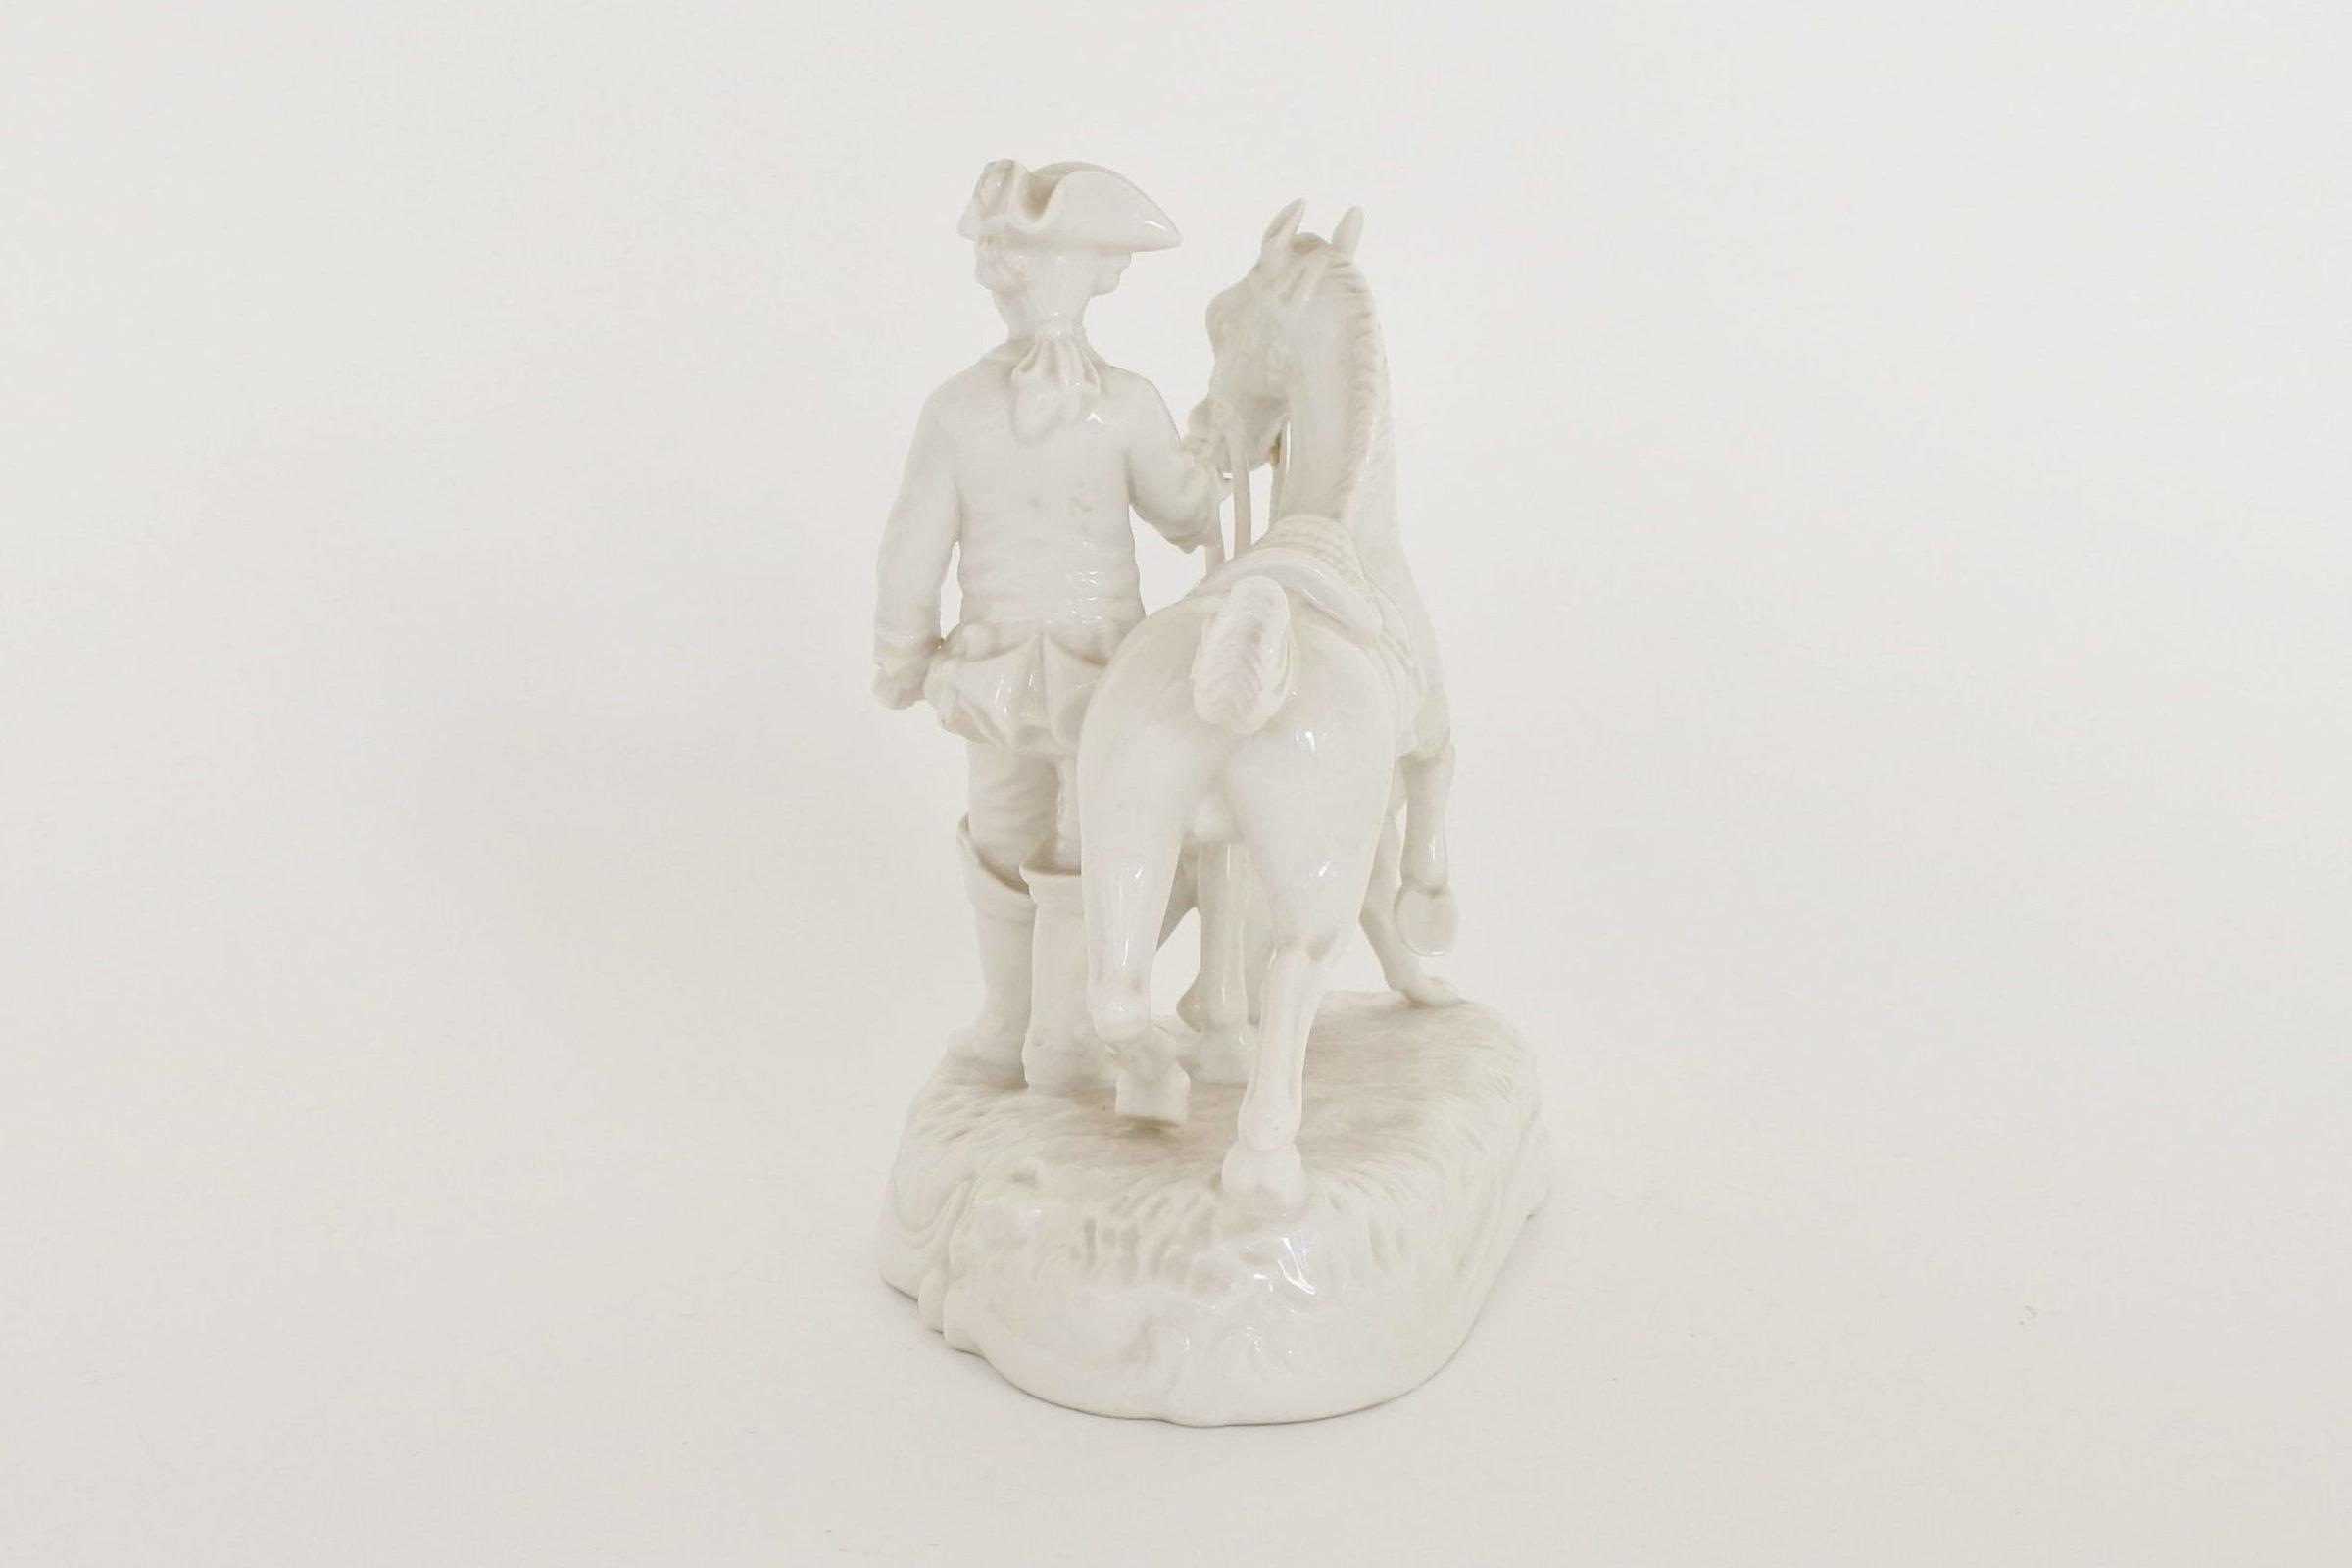 Statuina in porcellana bianca con cavaliere cavallo e cane - 4